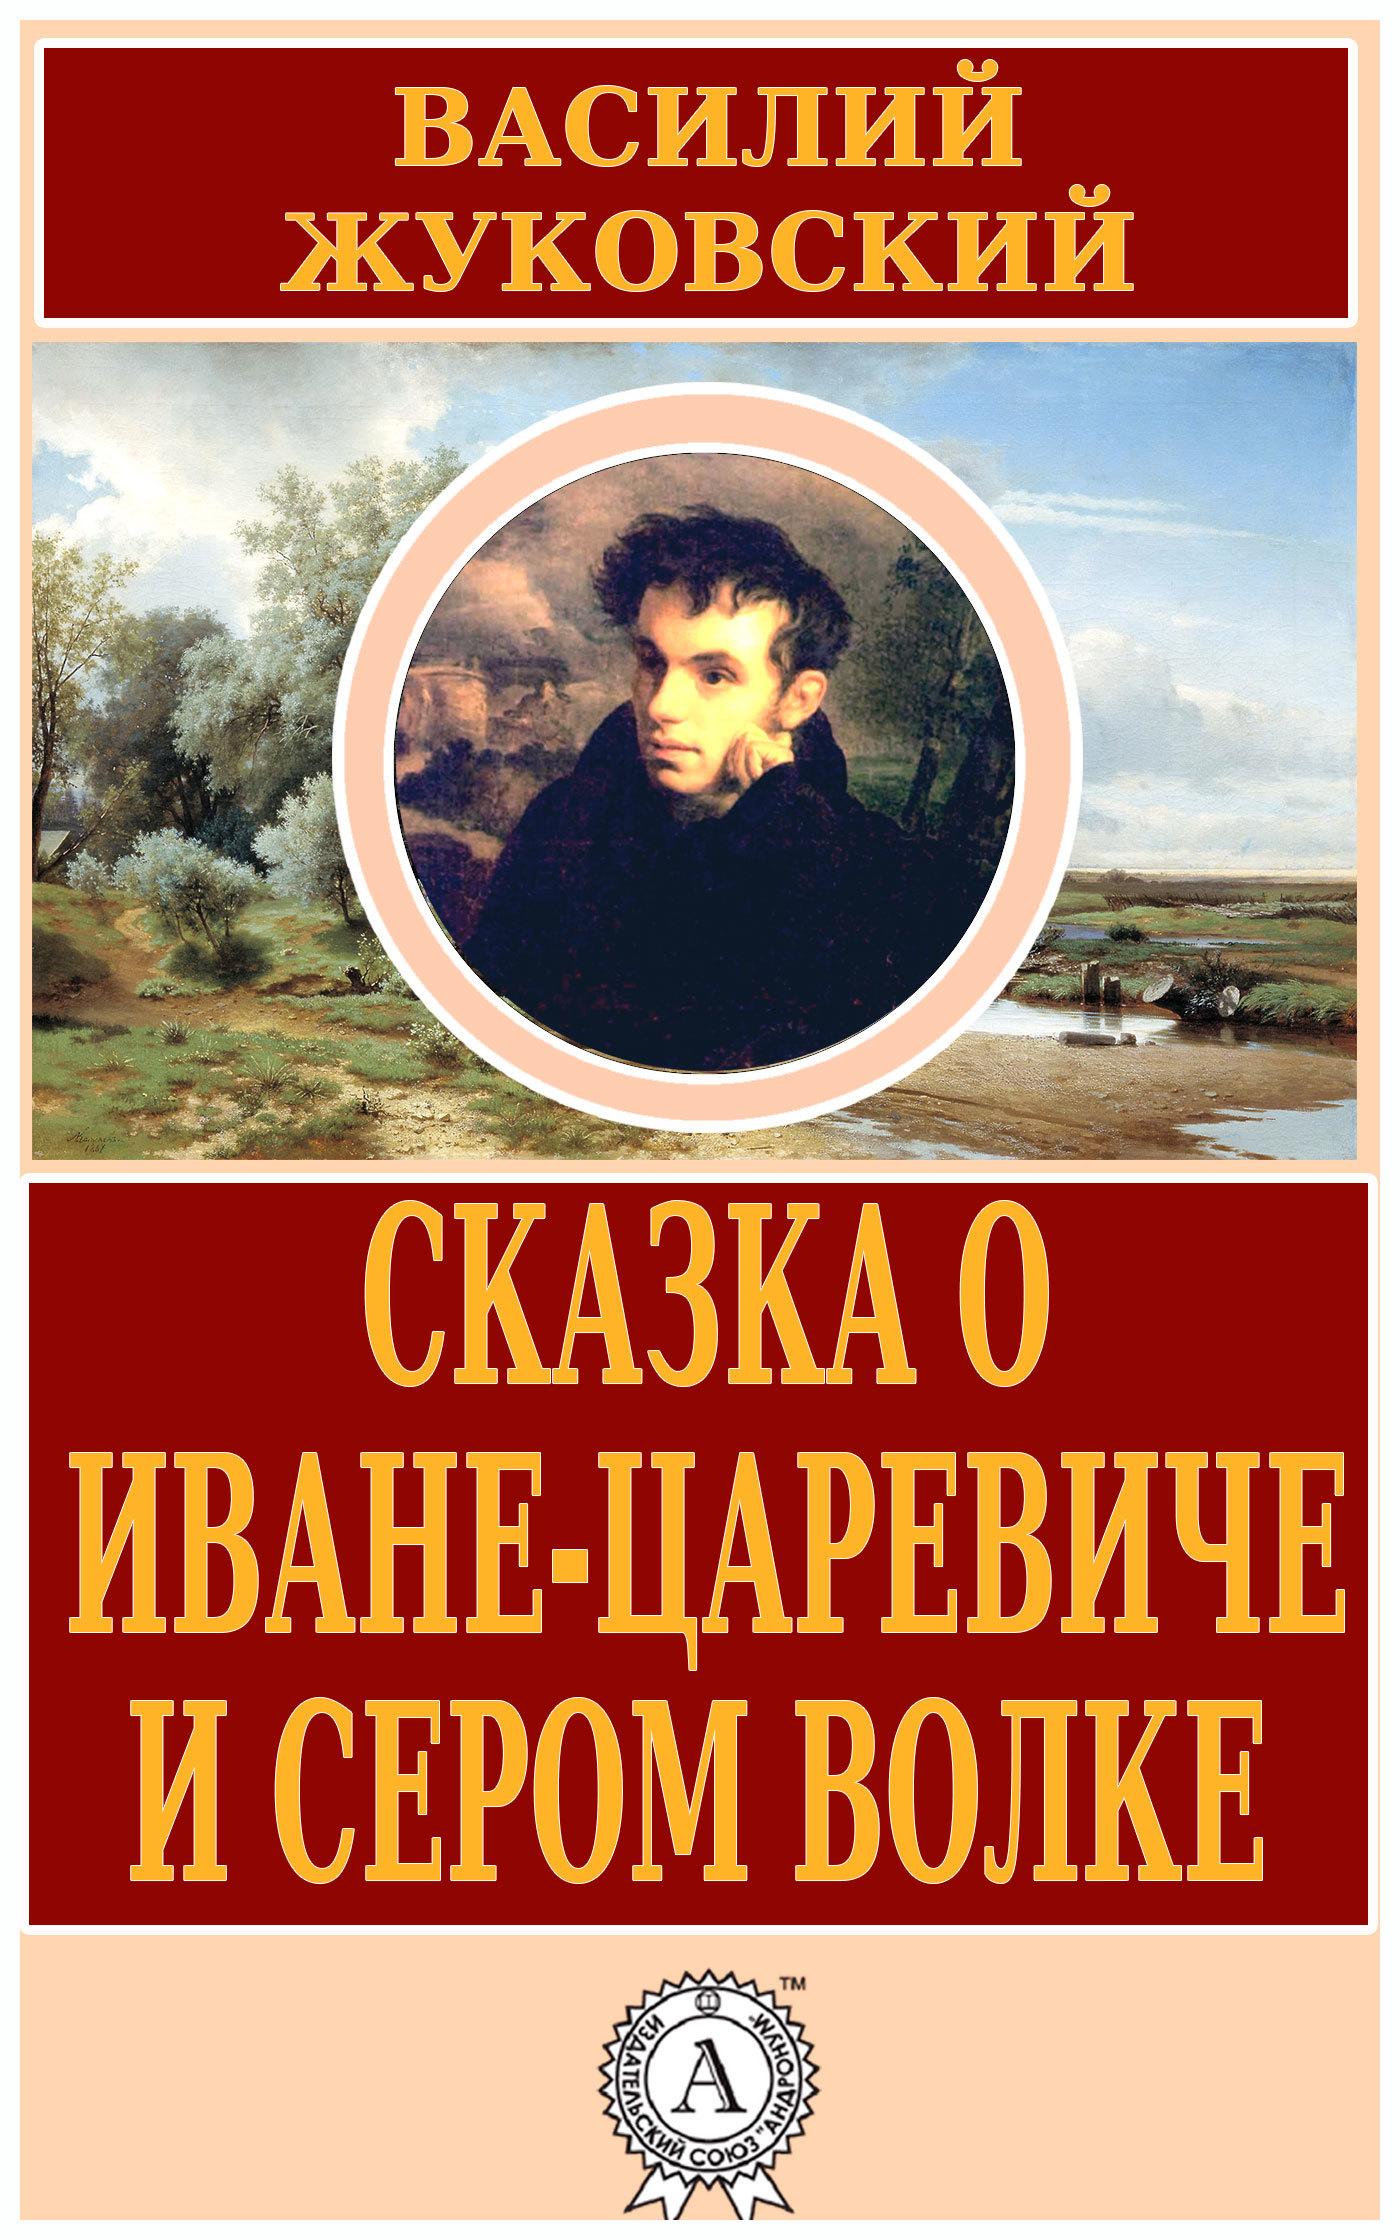 Скачать Сказка о Иване-царевиче и Сером Волке быстро